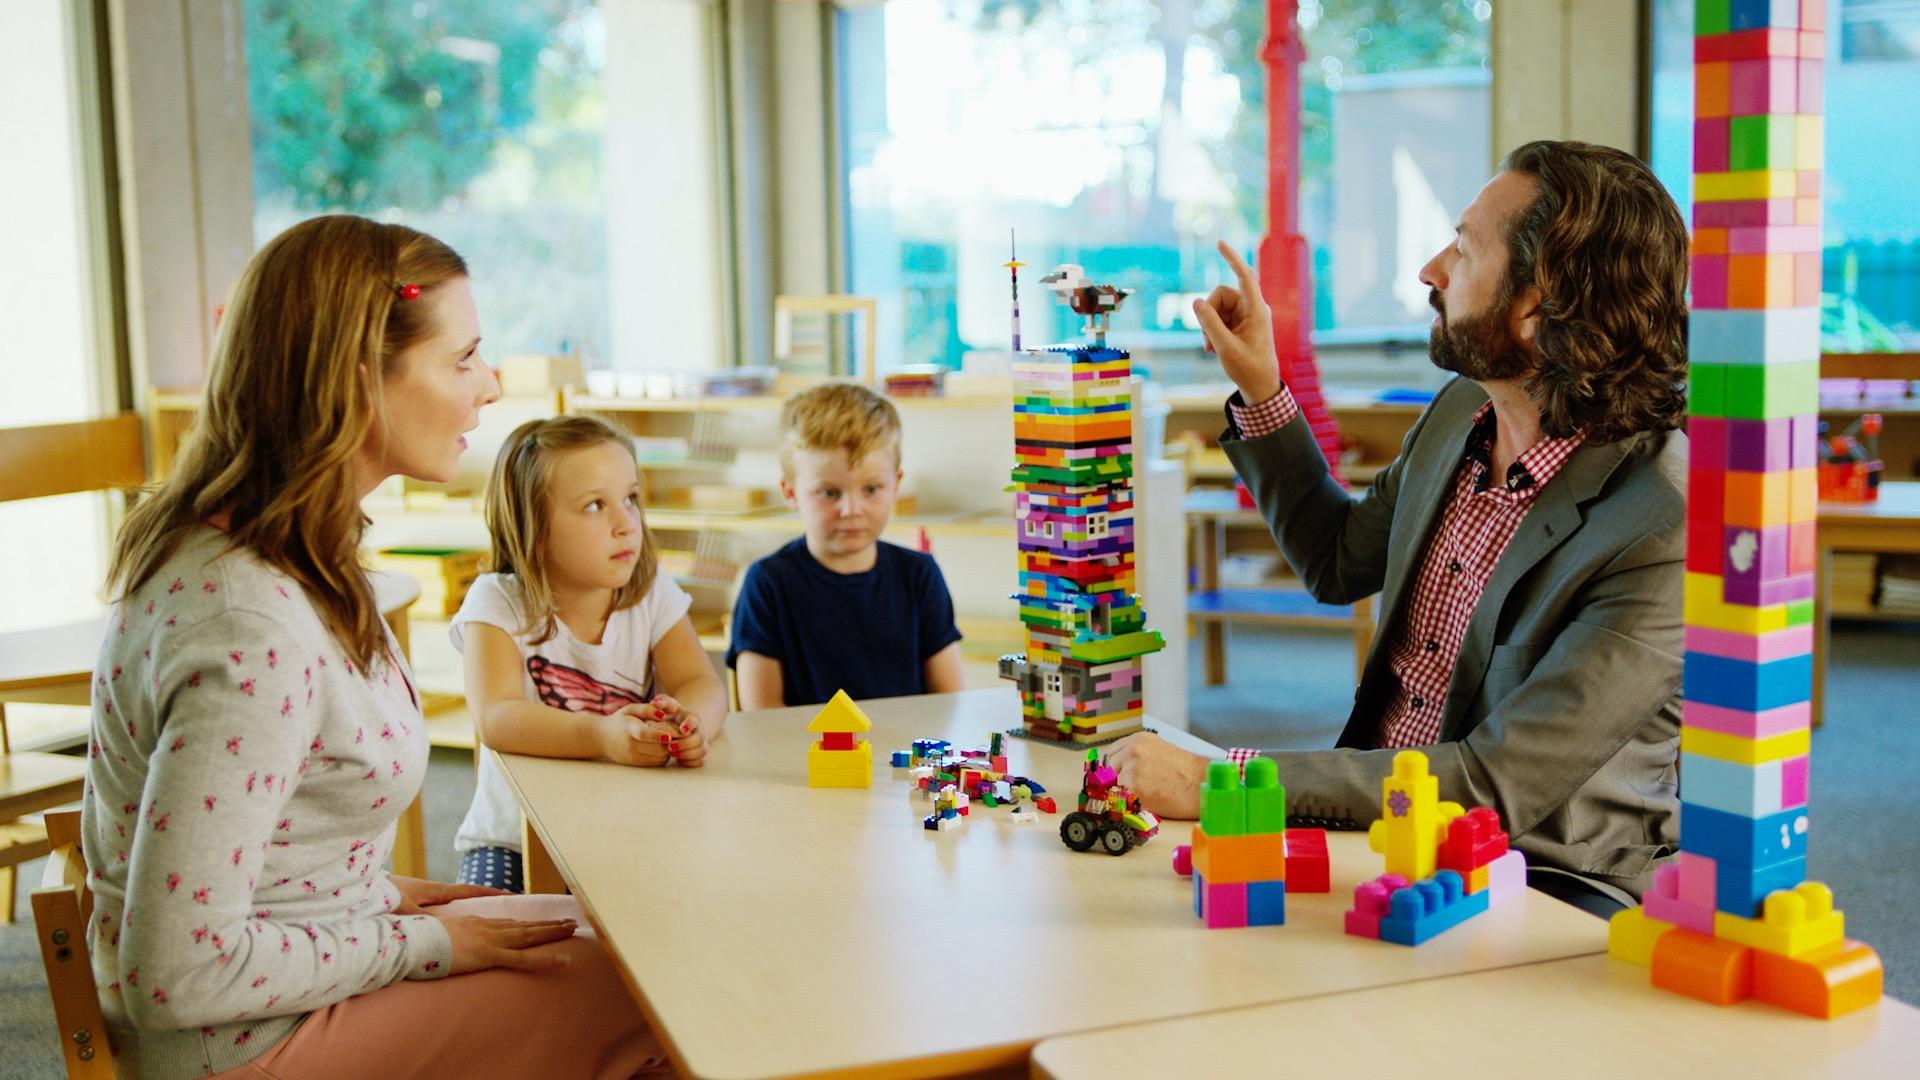 David Milchard (right) portrays Corporate CEO in  Preschool Inc.